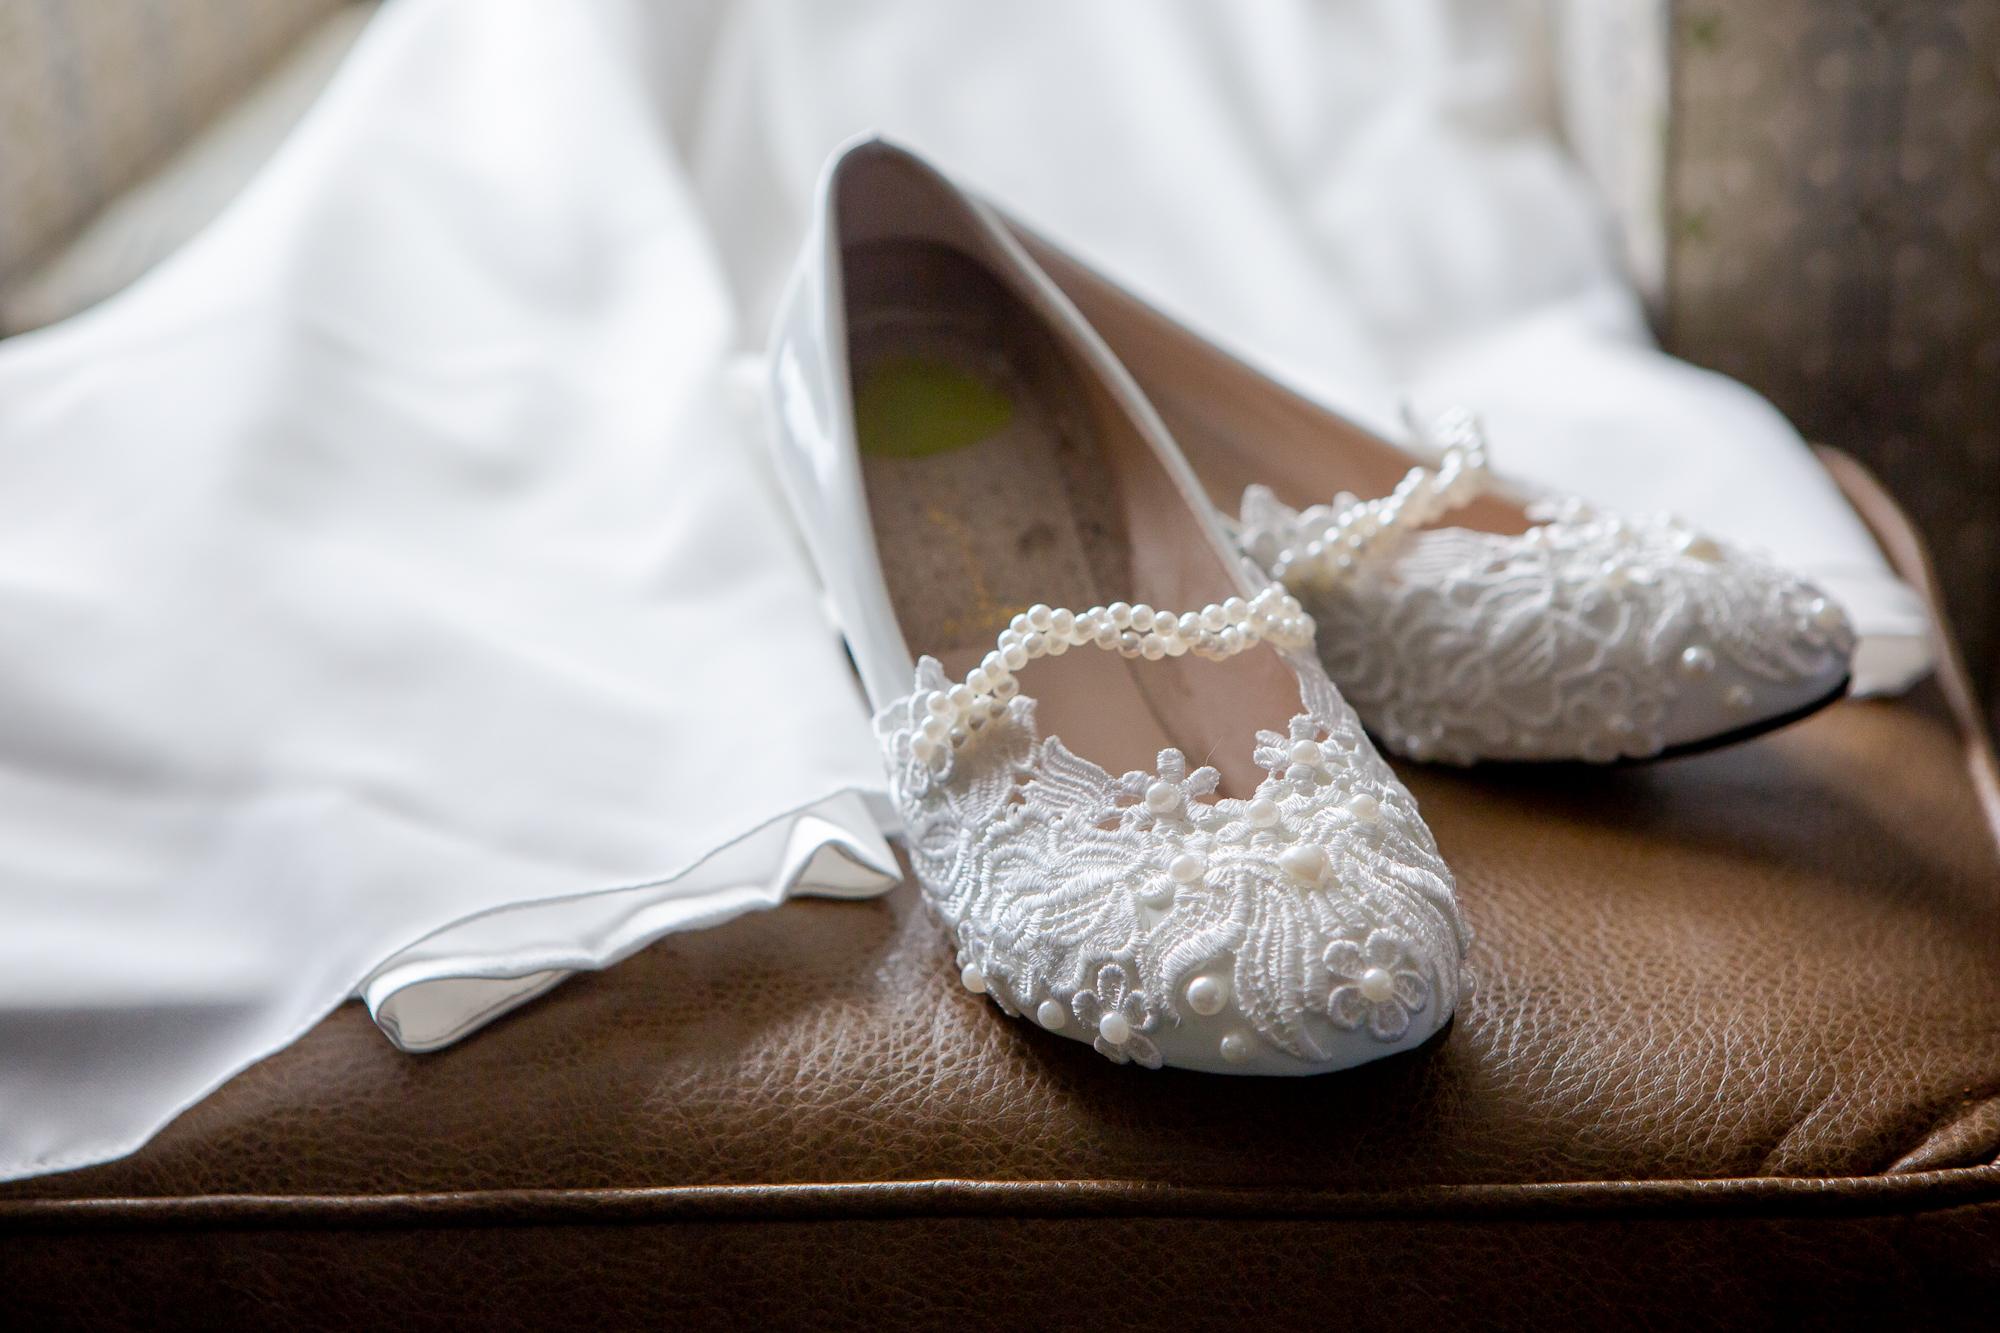 Ventosa-Vineyards-Geneva-NY-wedding-4559.jpg